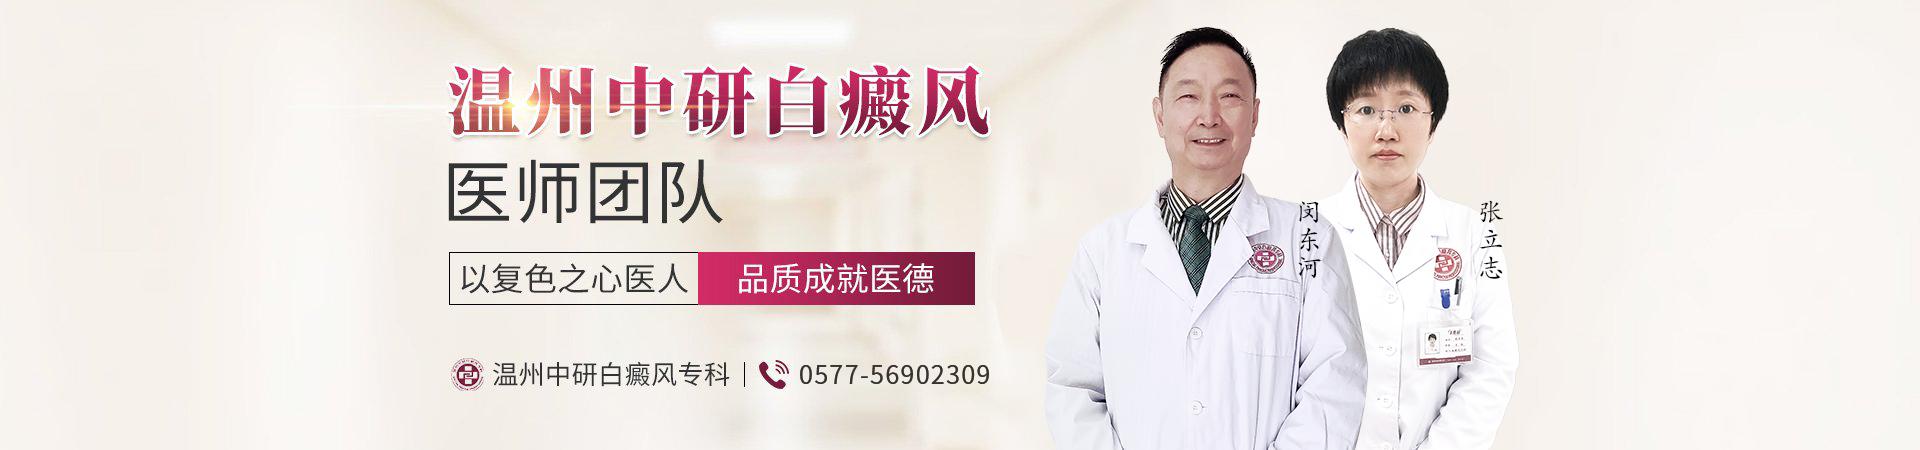 温州白癜风医院那家好